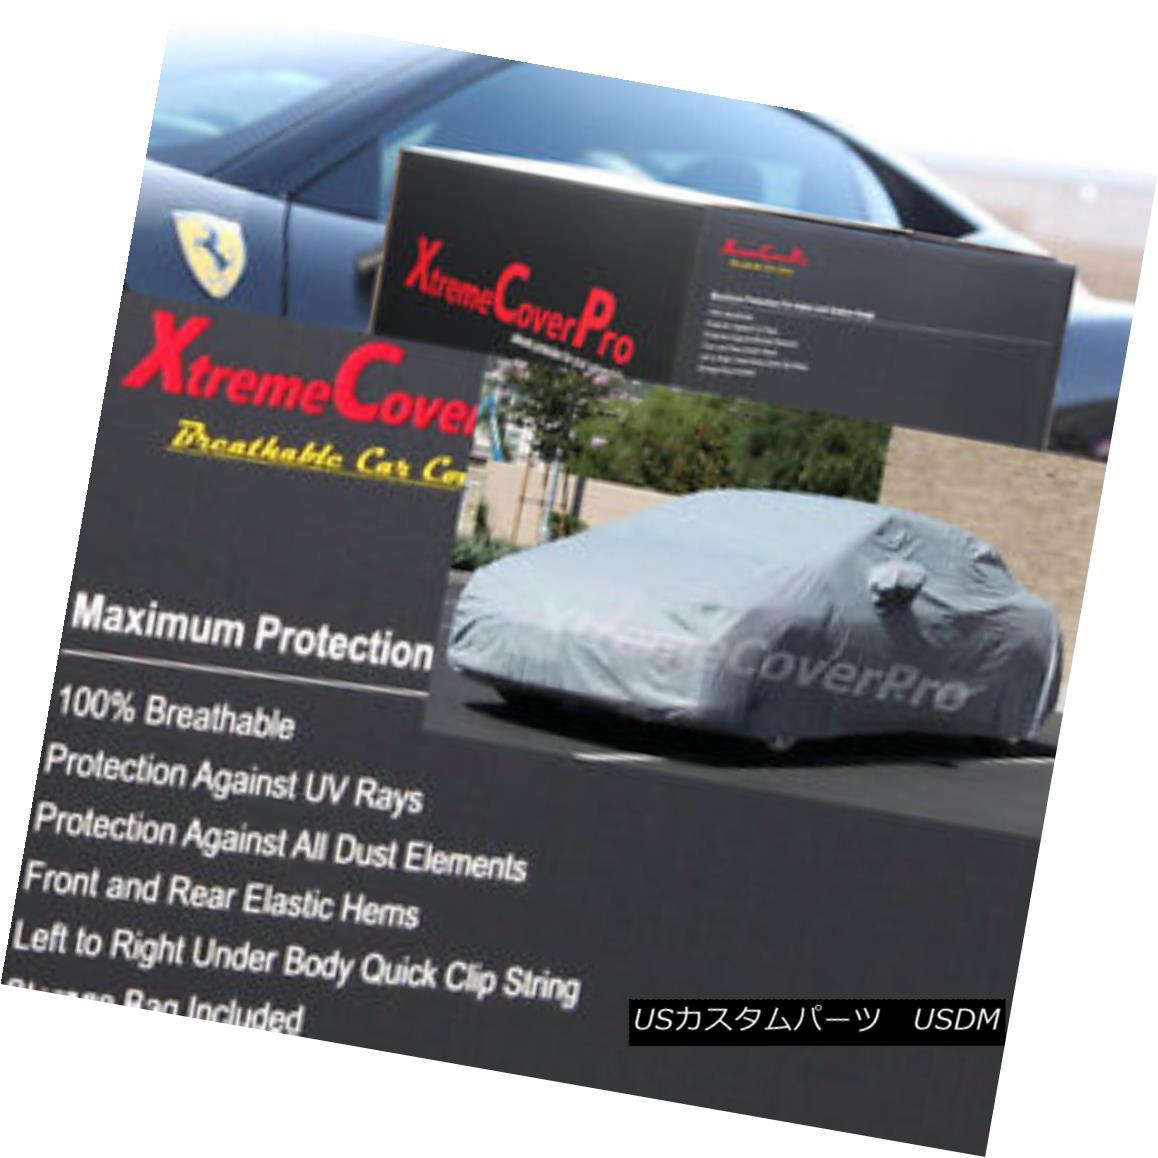 カーカバー 2002 2003 2004 2005 BMW 745i 745iL Breathable Car Cover w/MirrorPocket 2002年2003年2004年2005年BMW 745i 745iL通気性車カバー付き(MirrorPocket)